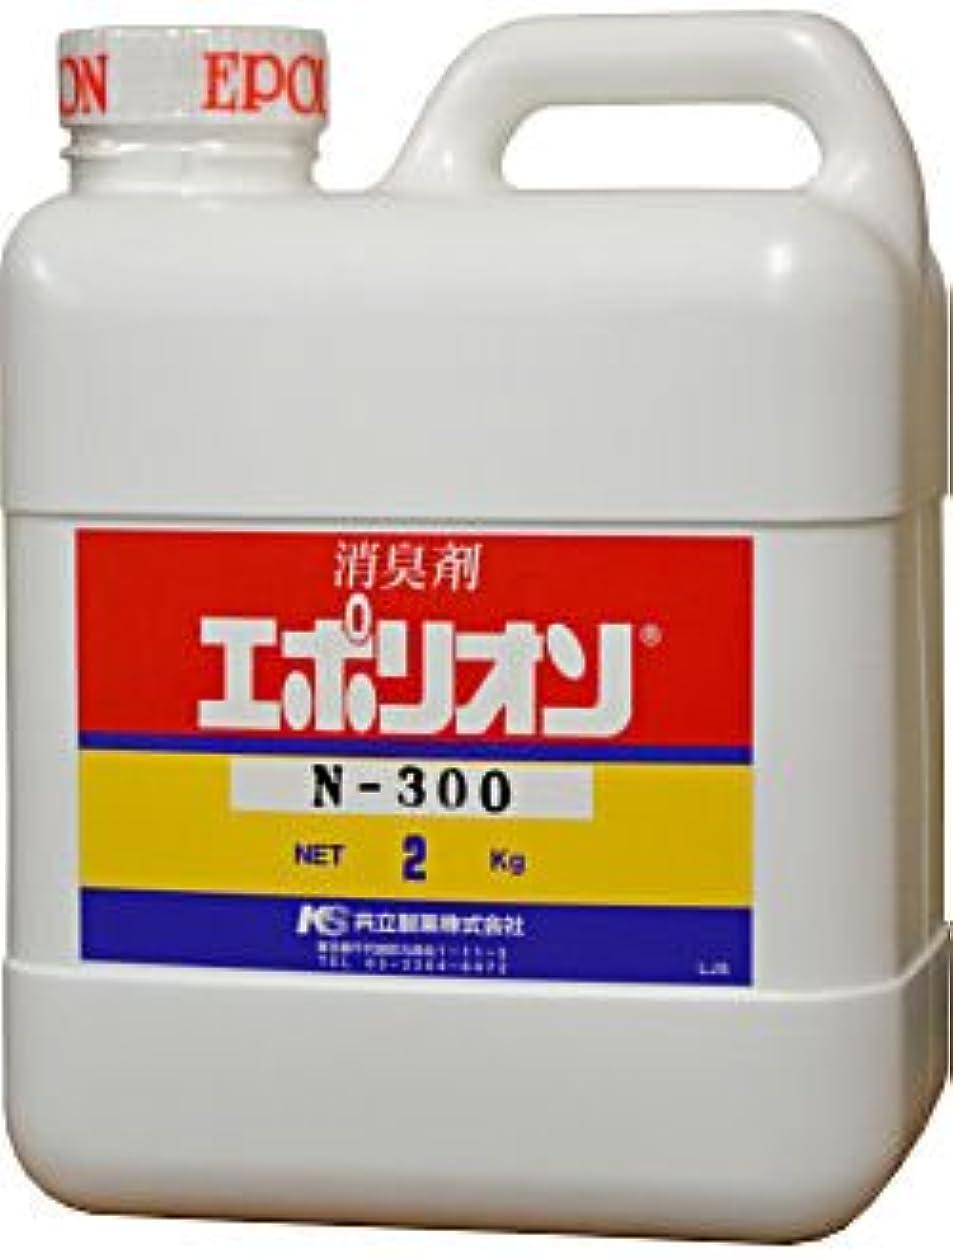 なめるミネラルオート業務用消臭剤 エポリオンN-300 2kg